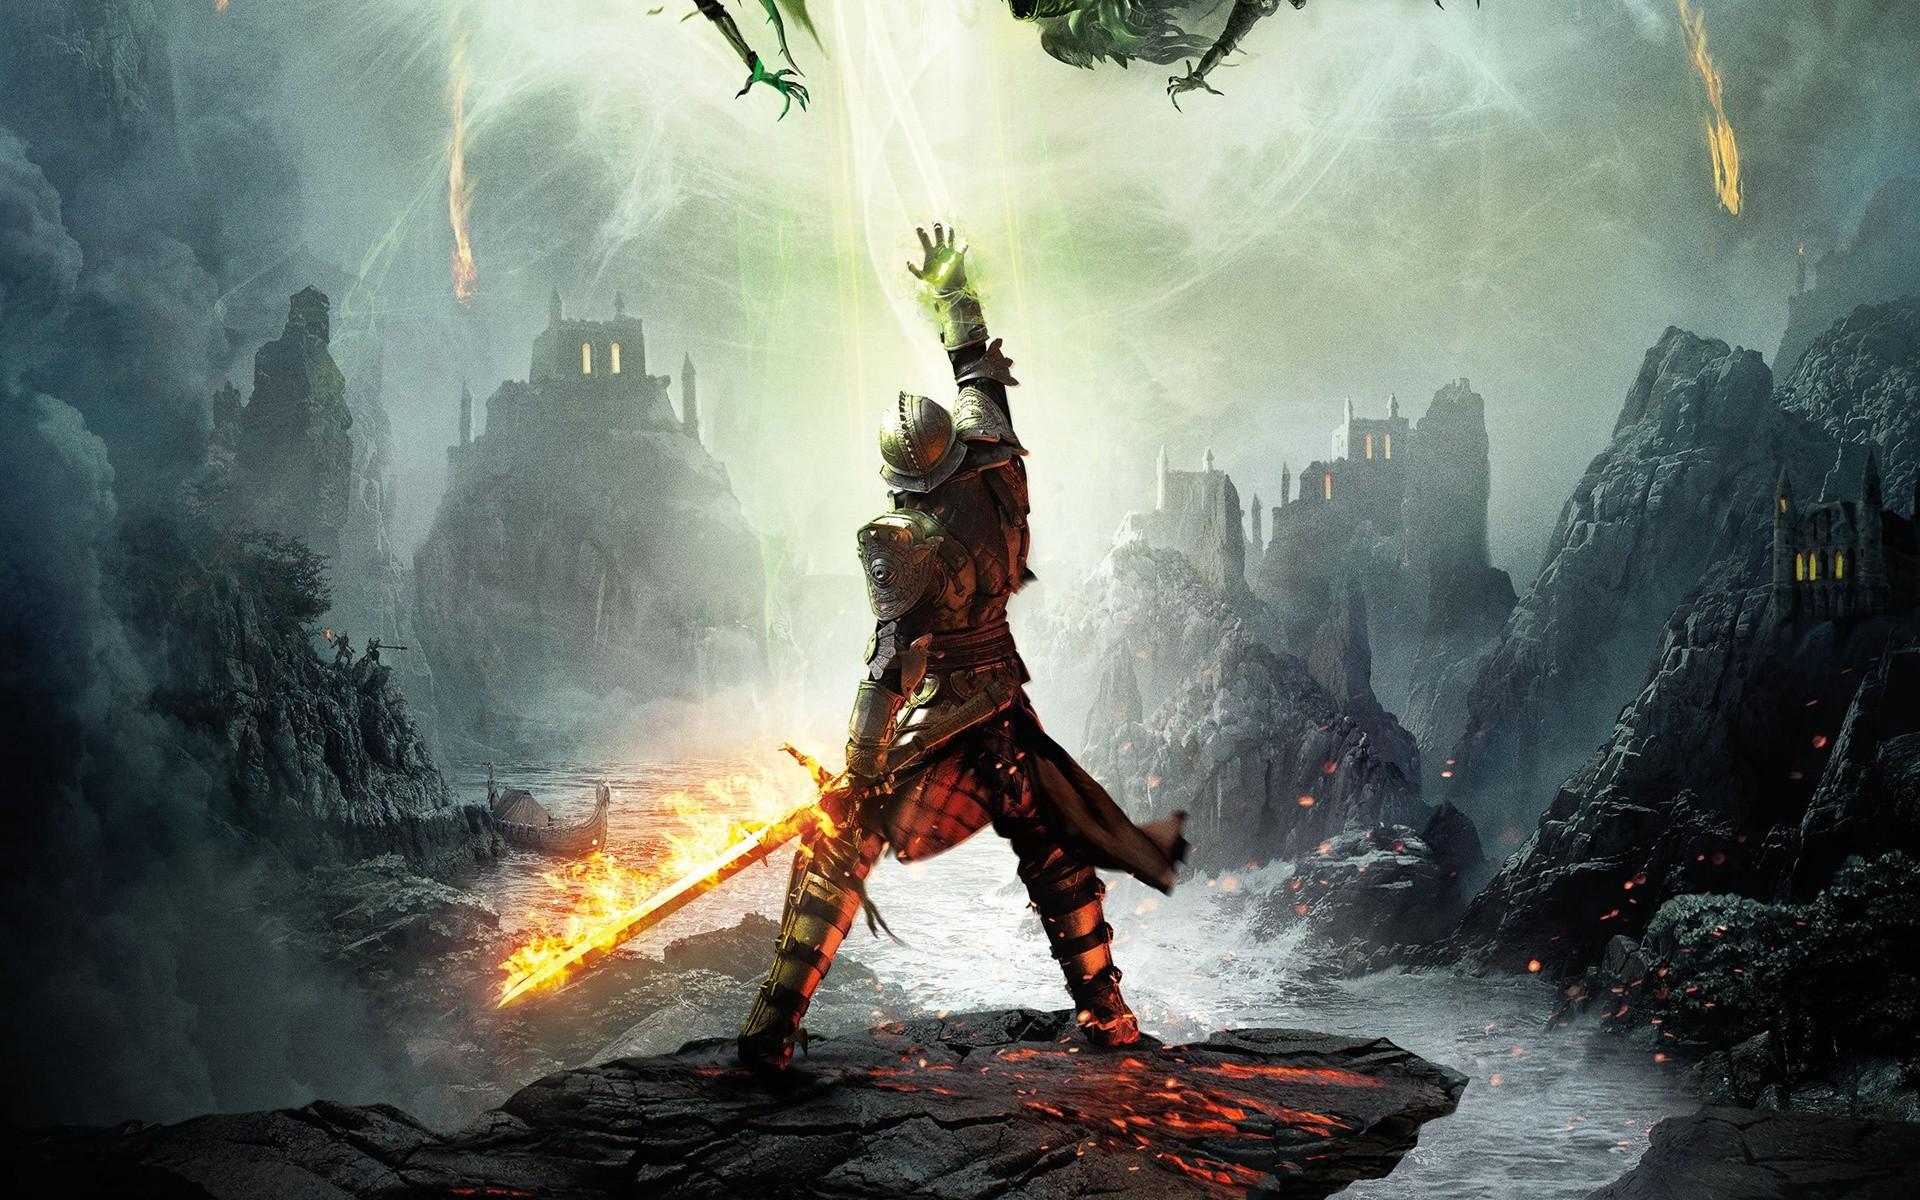 Kratos God of War pc games wallpaper x